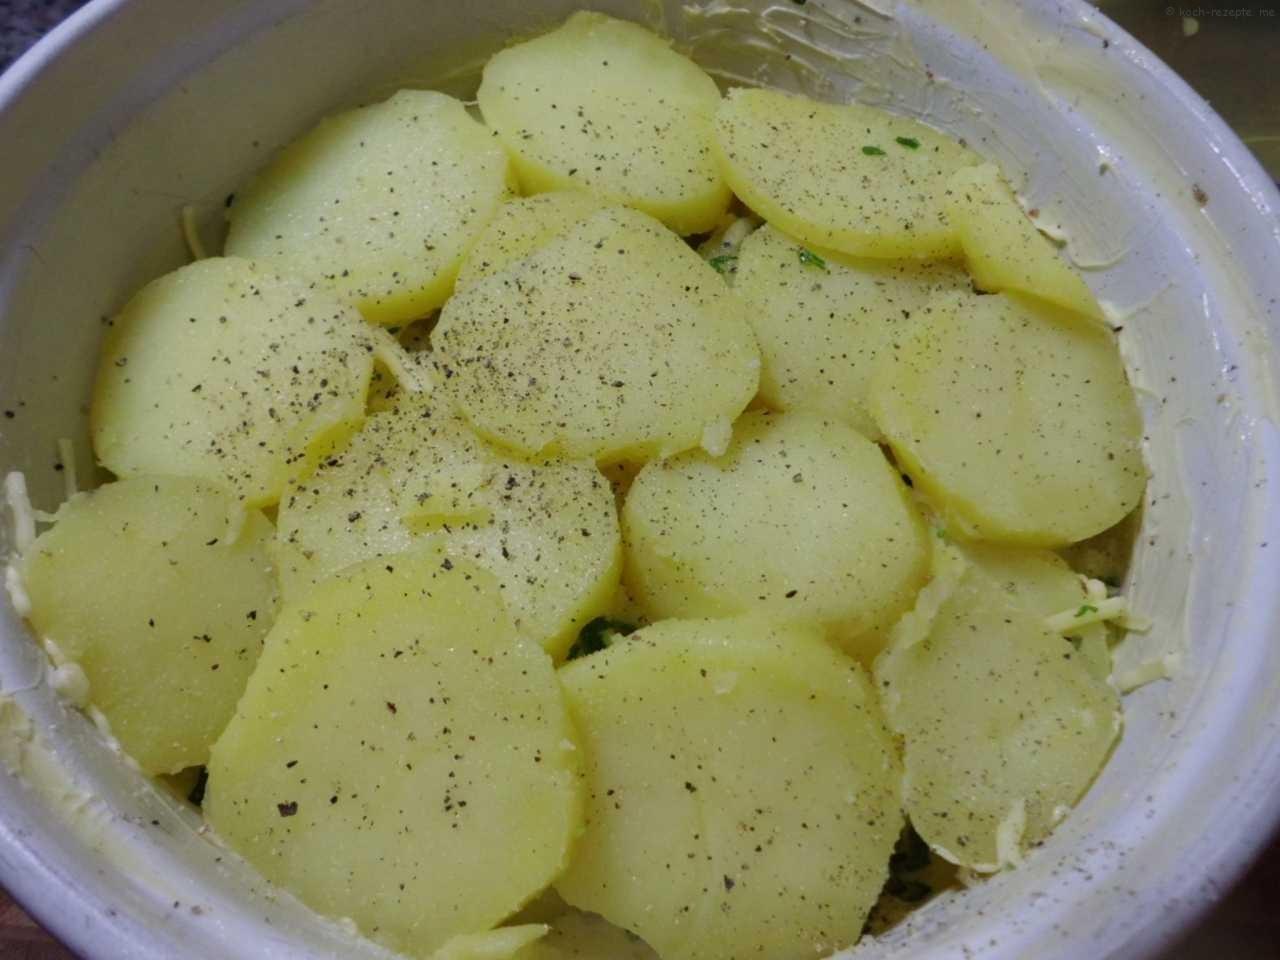 Kartoffelscheiben in gefetteter Auflaufform schichten und würzen